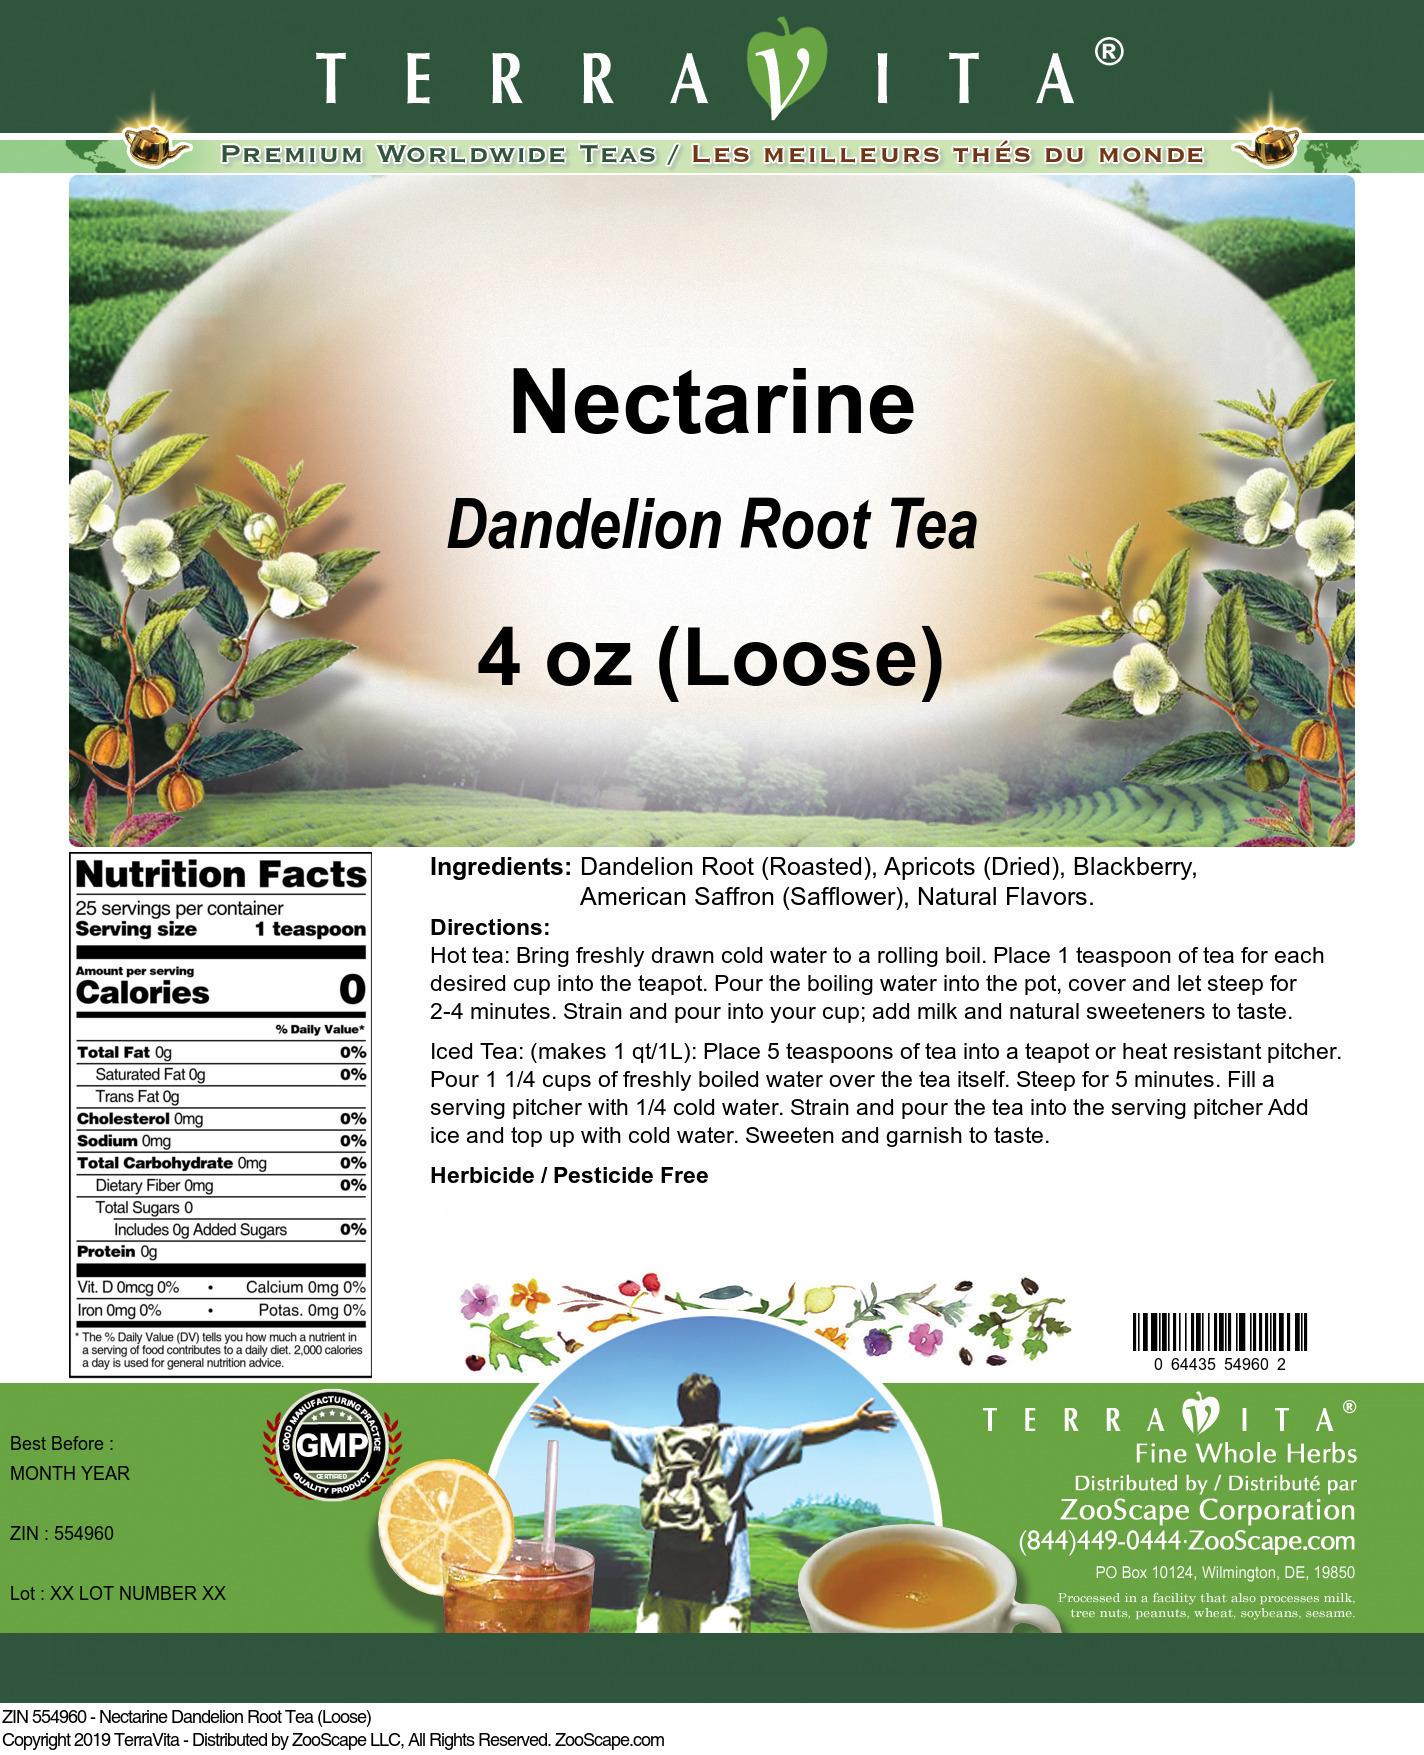 Nectarine Dandelion Root